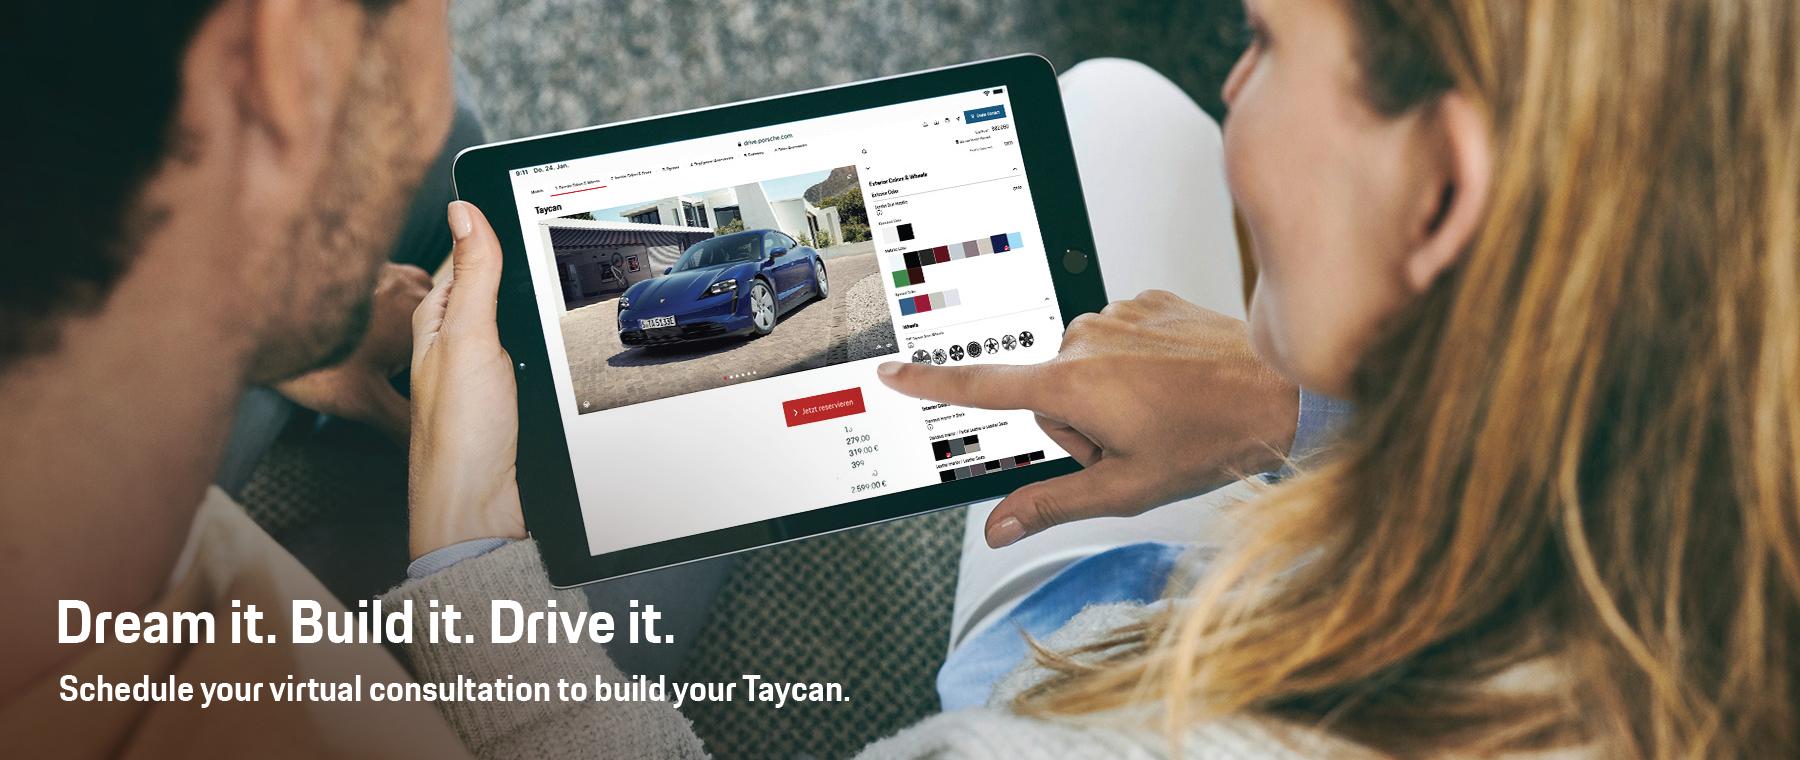 Dream it. Build it. Drive it. Taycan – DI